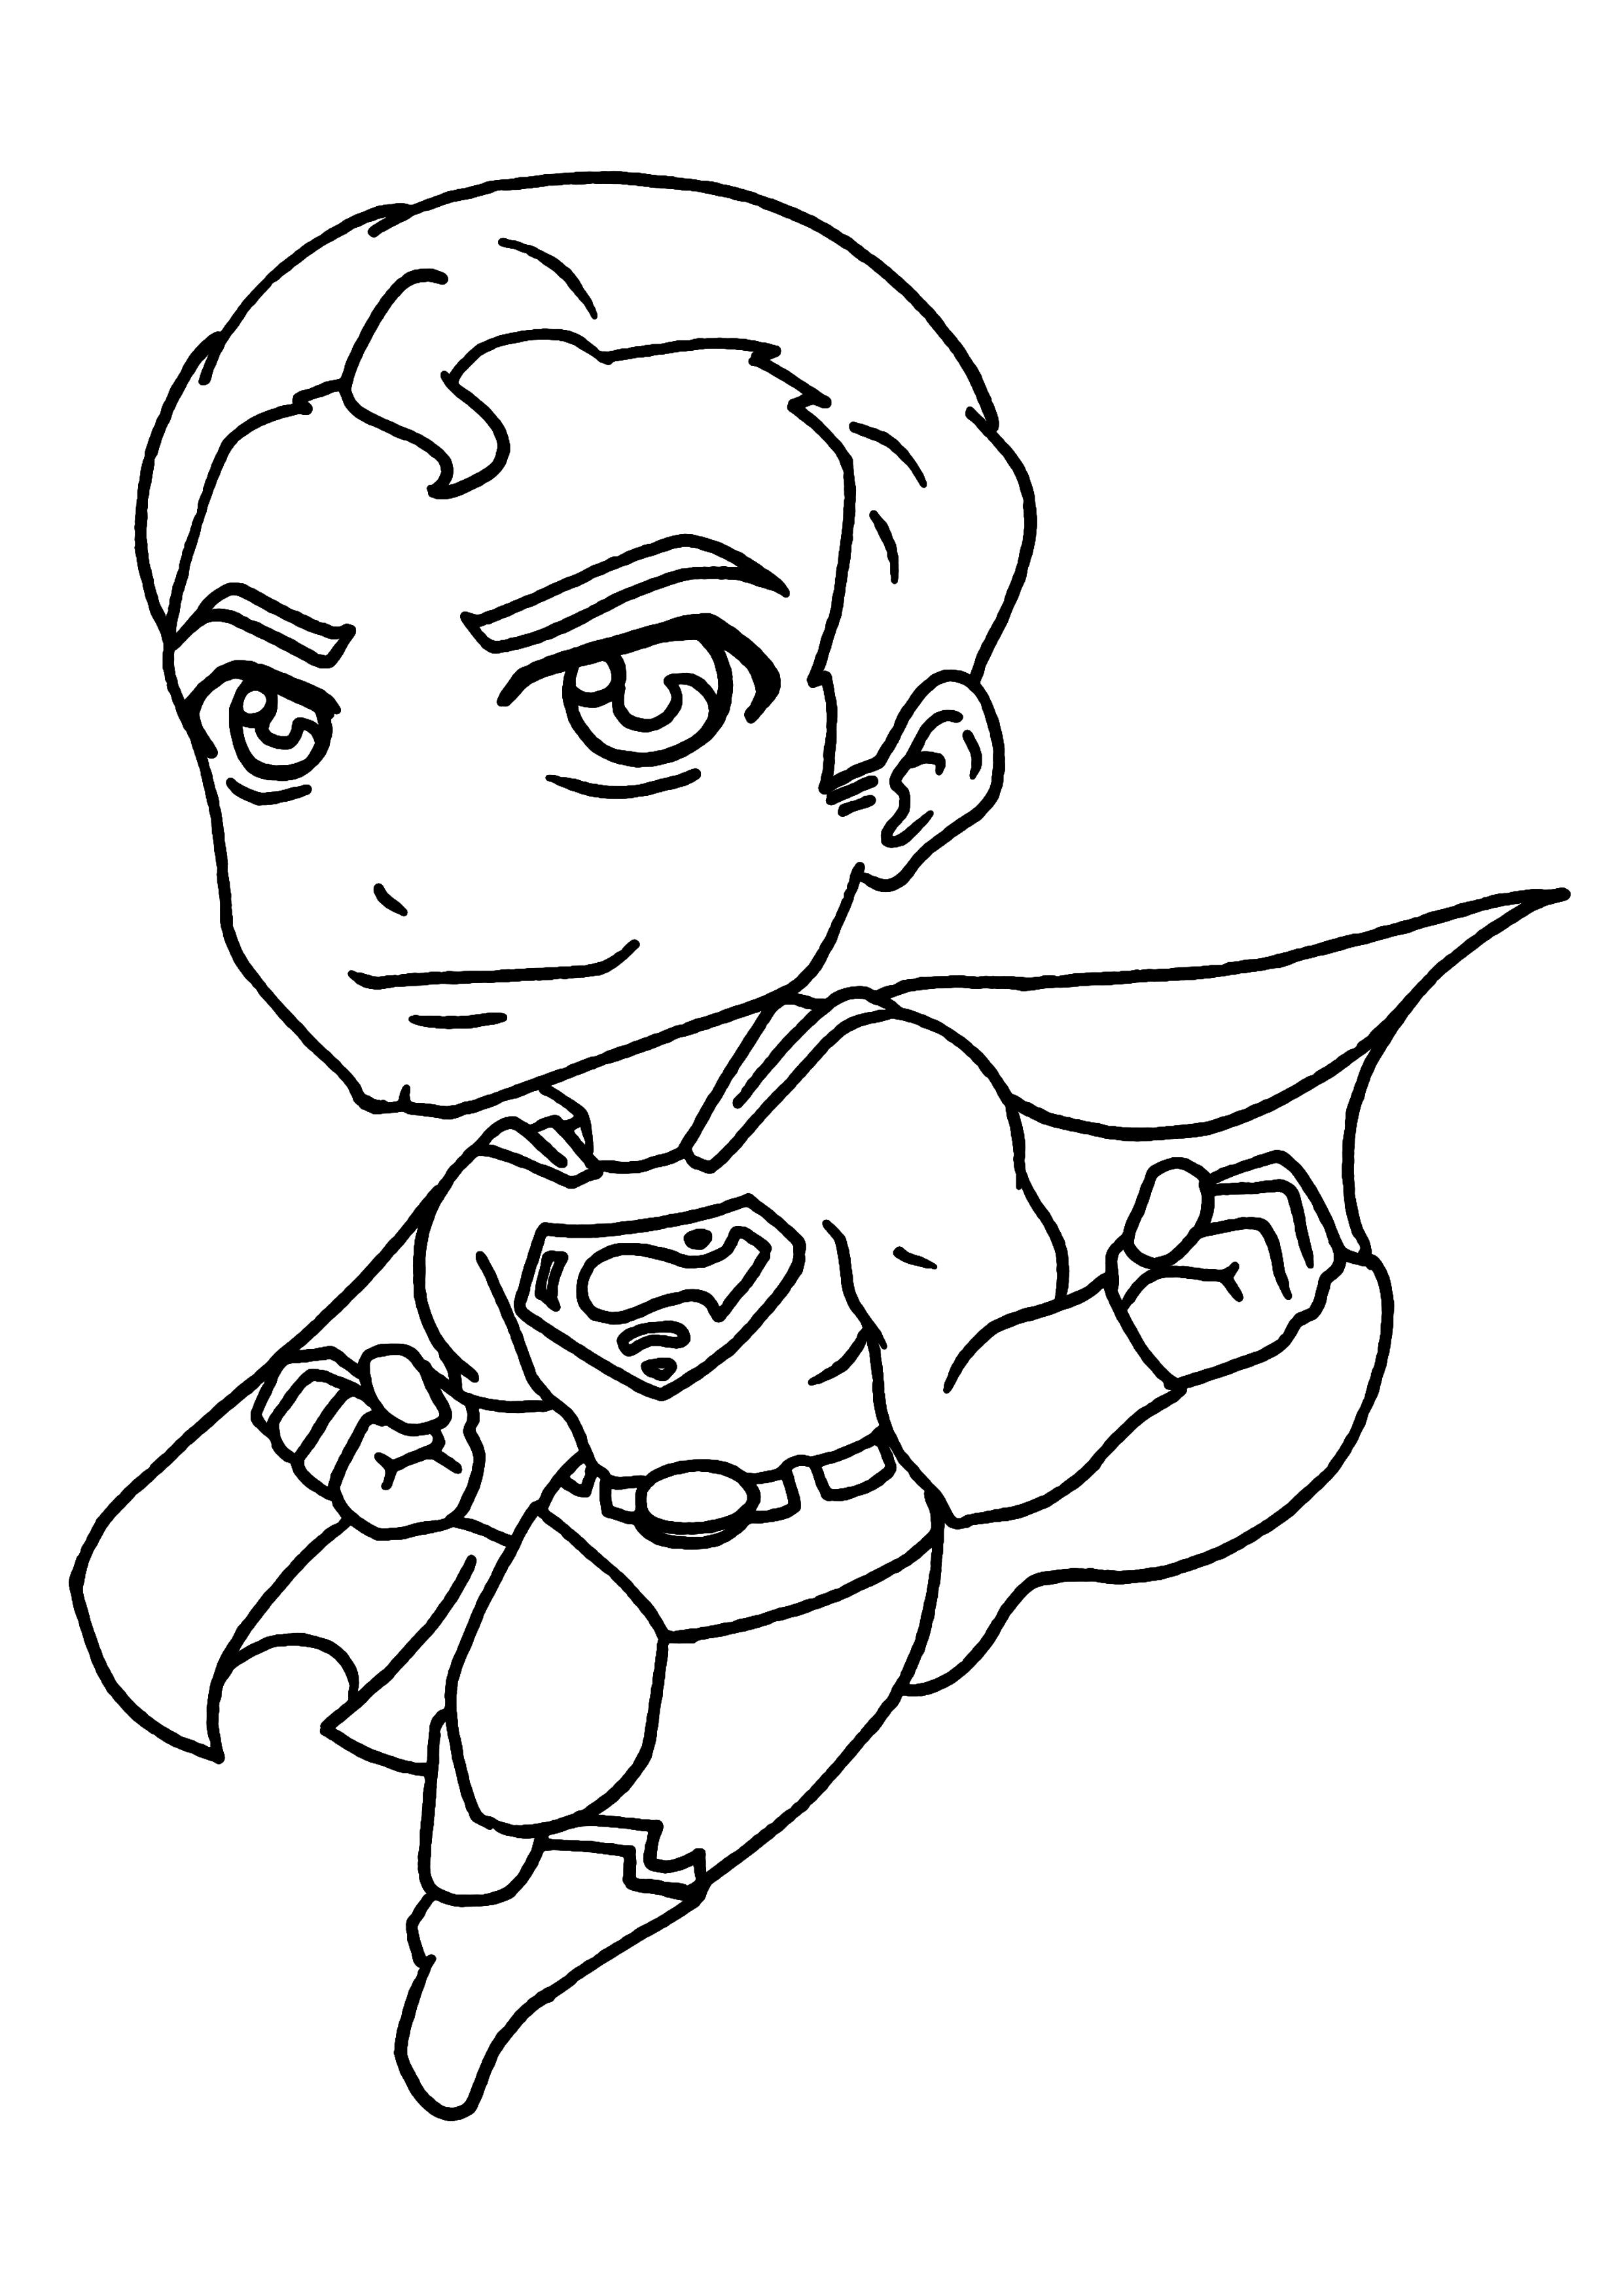 171 dibujos de Superhéroes para colorear | Oh Kids | Page 3